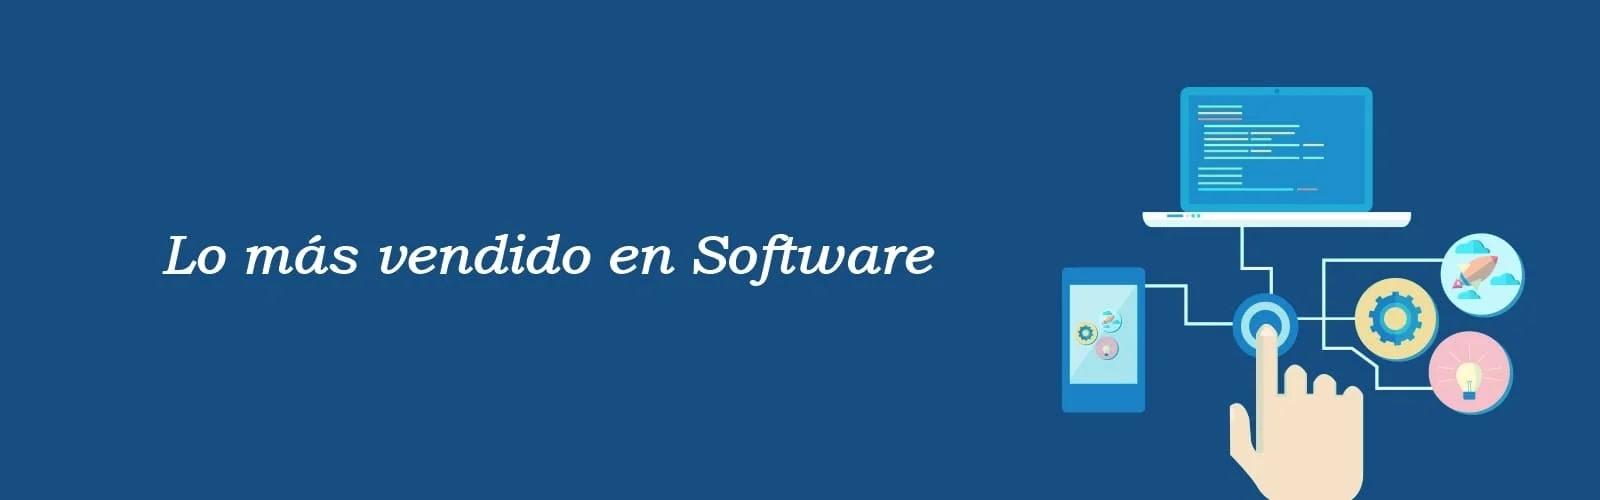 lo más vendido en software